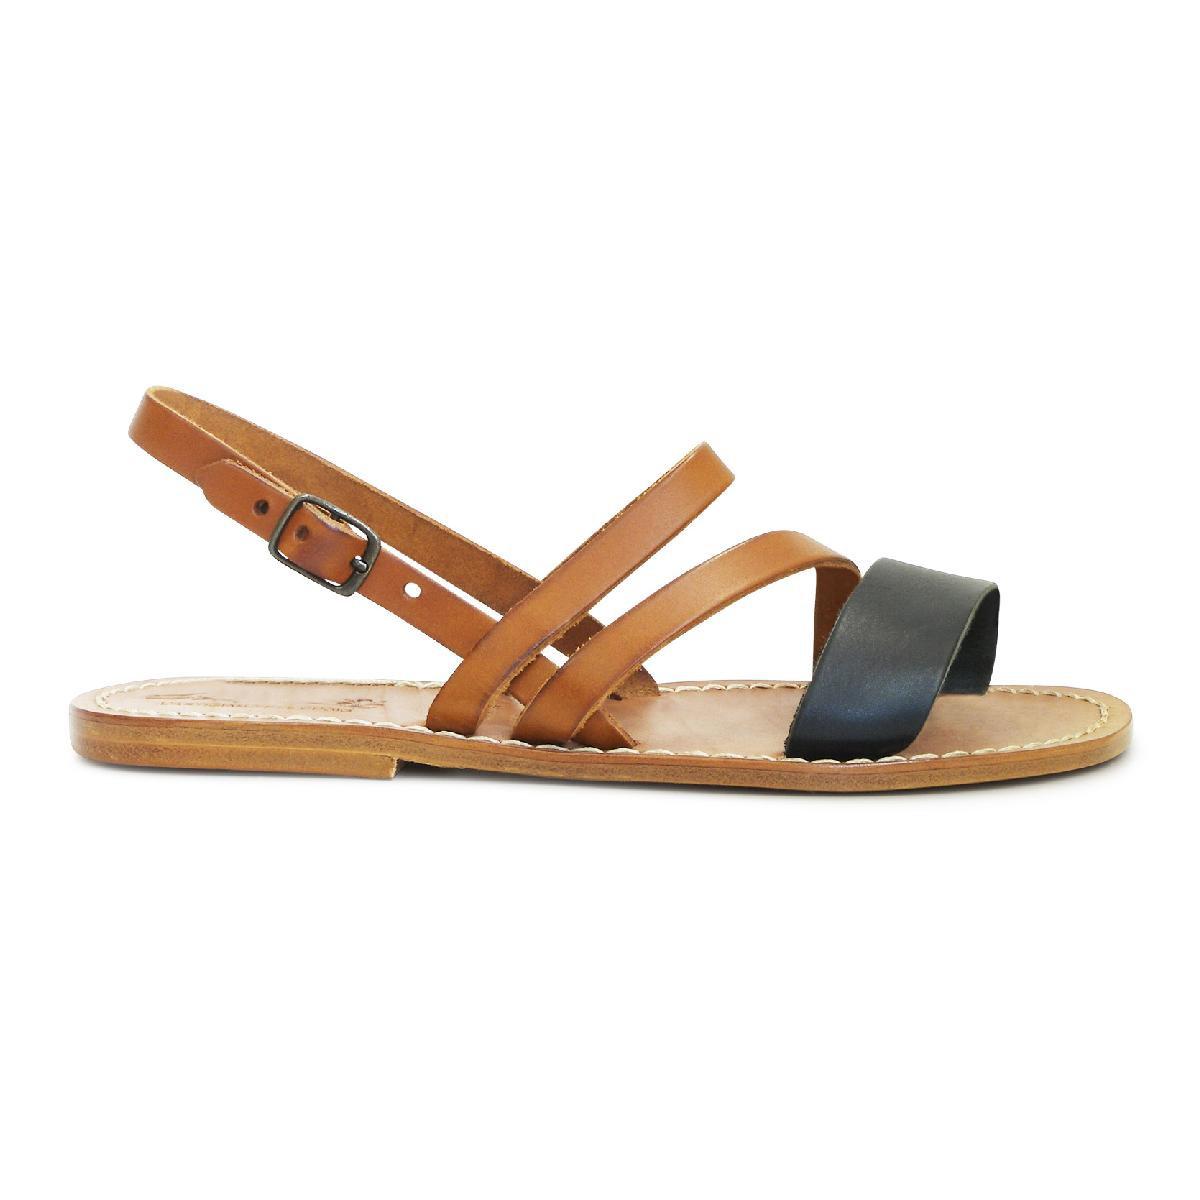 flache damen sandalen aus braunem und schwarzem leder gianluca das leder handwerker. Black Bedroom Furniture Sets. Home Design Ideas